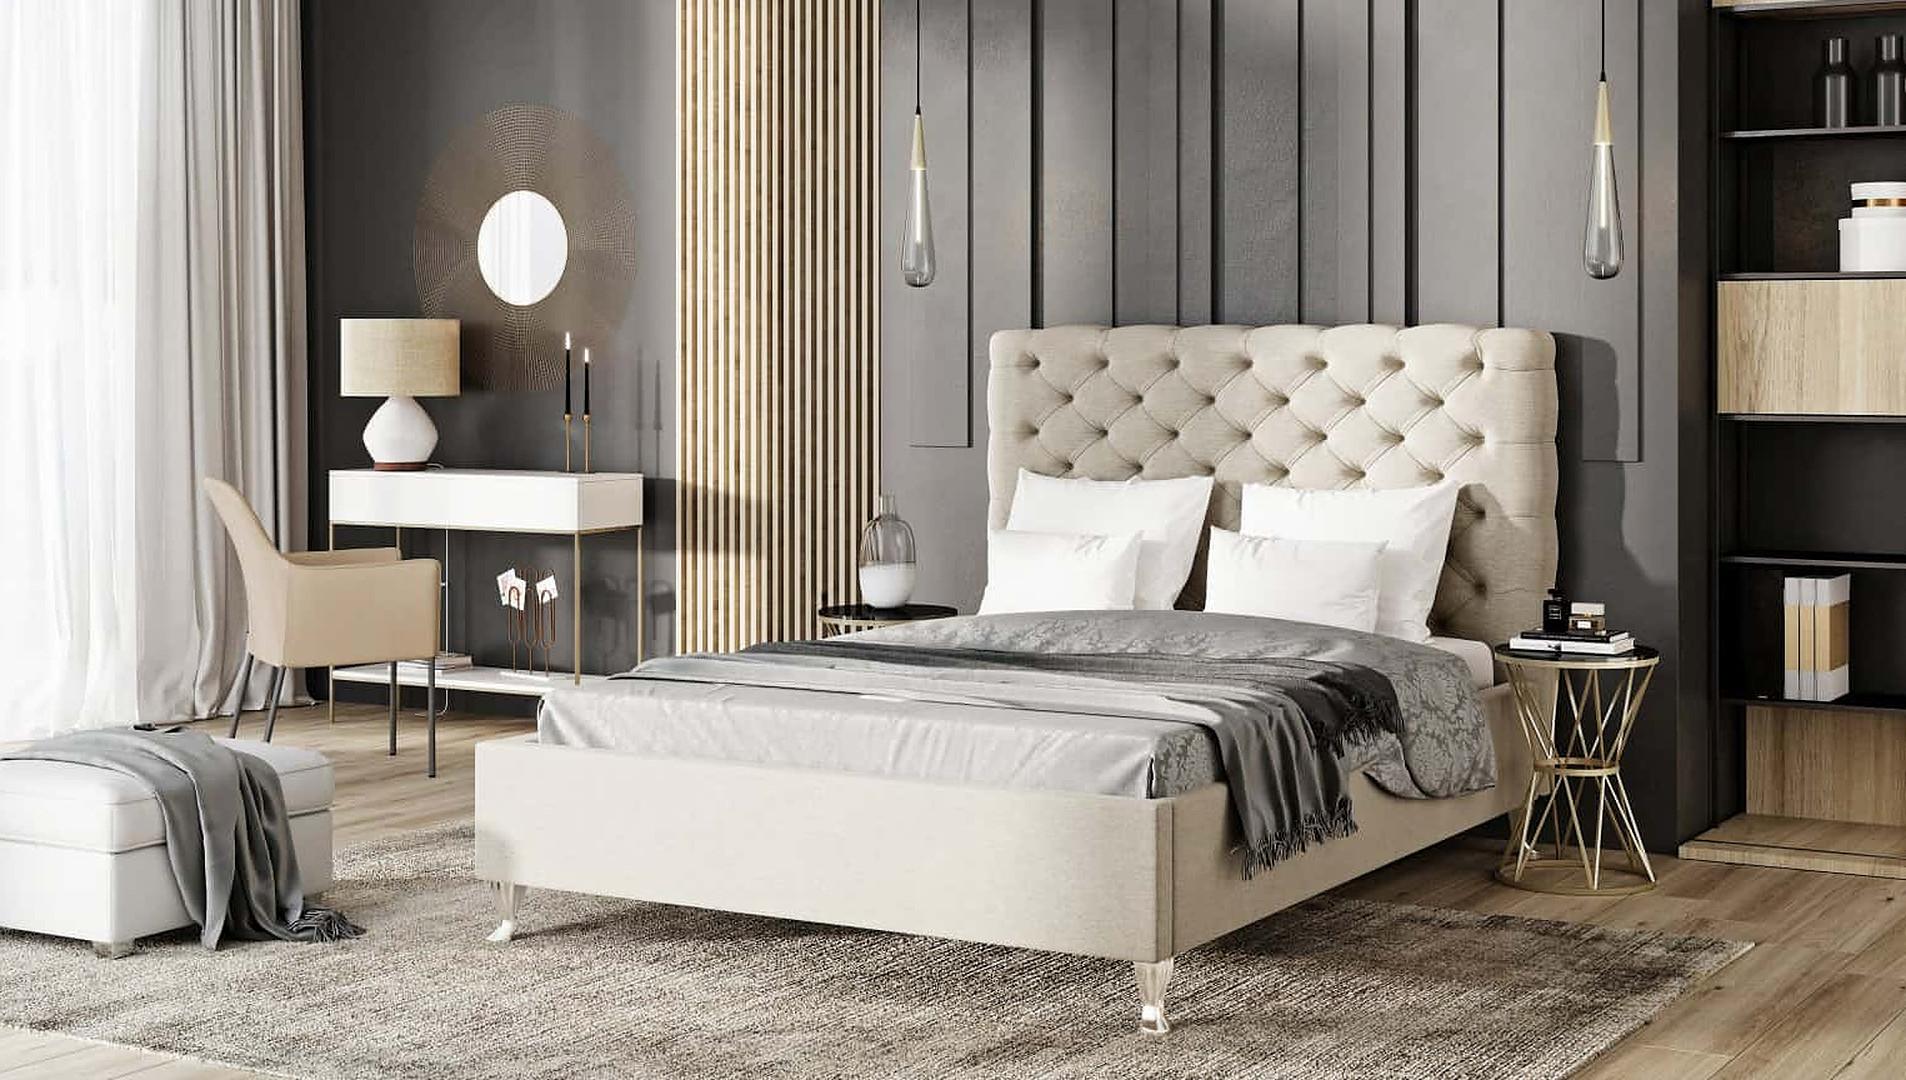 Zdrowa sypialnia